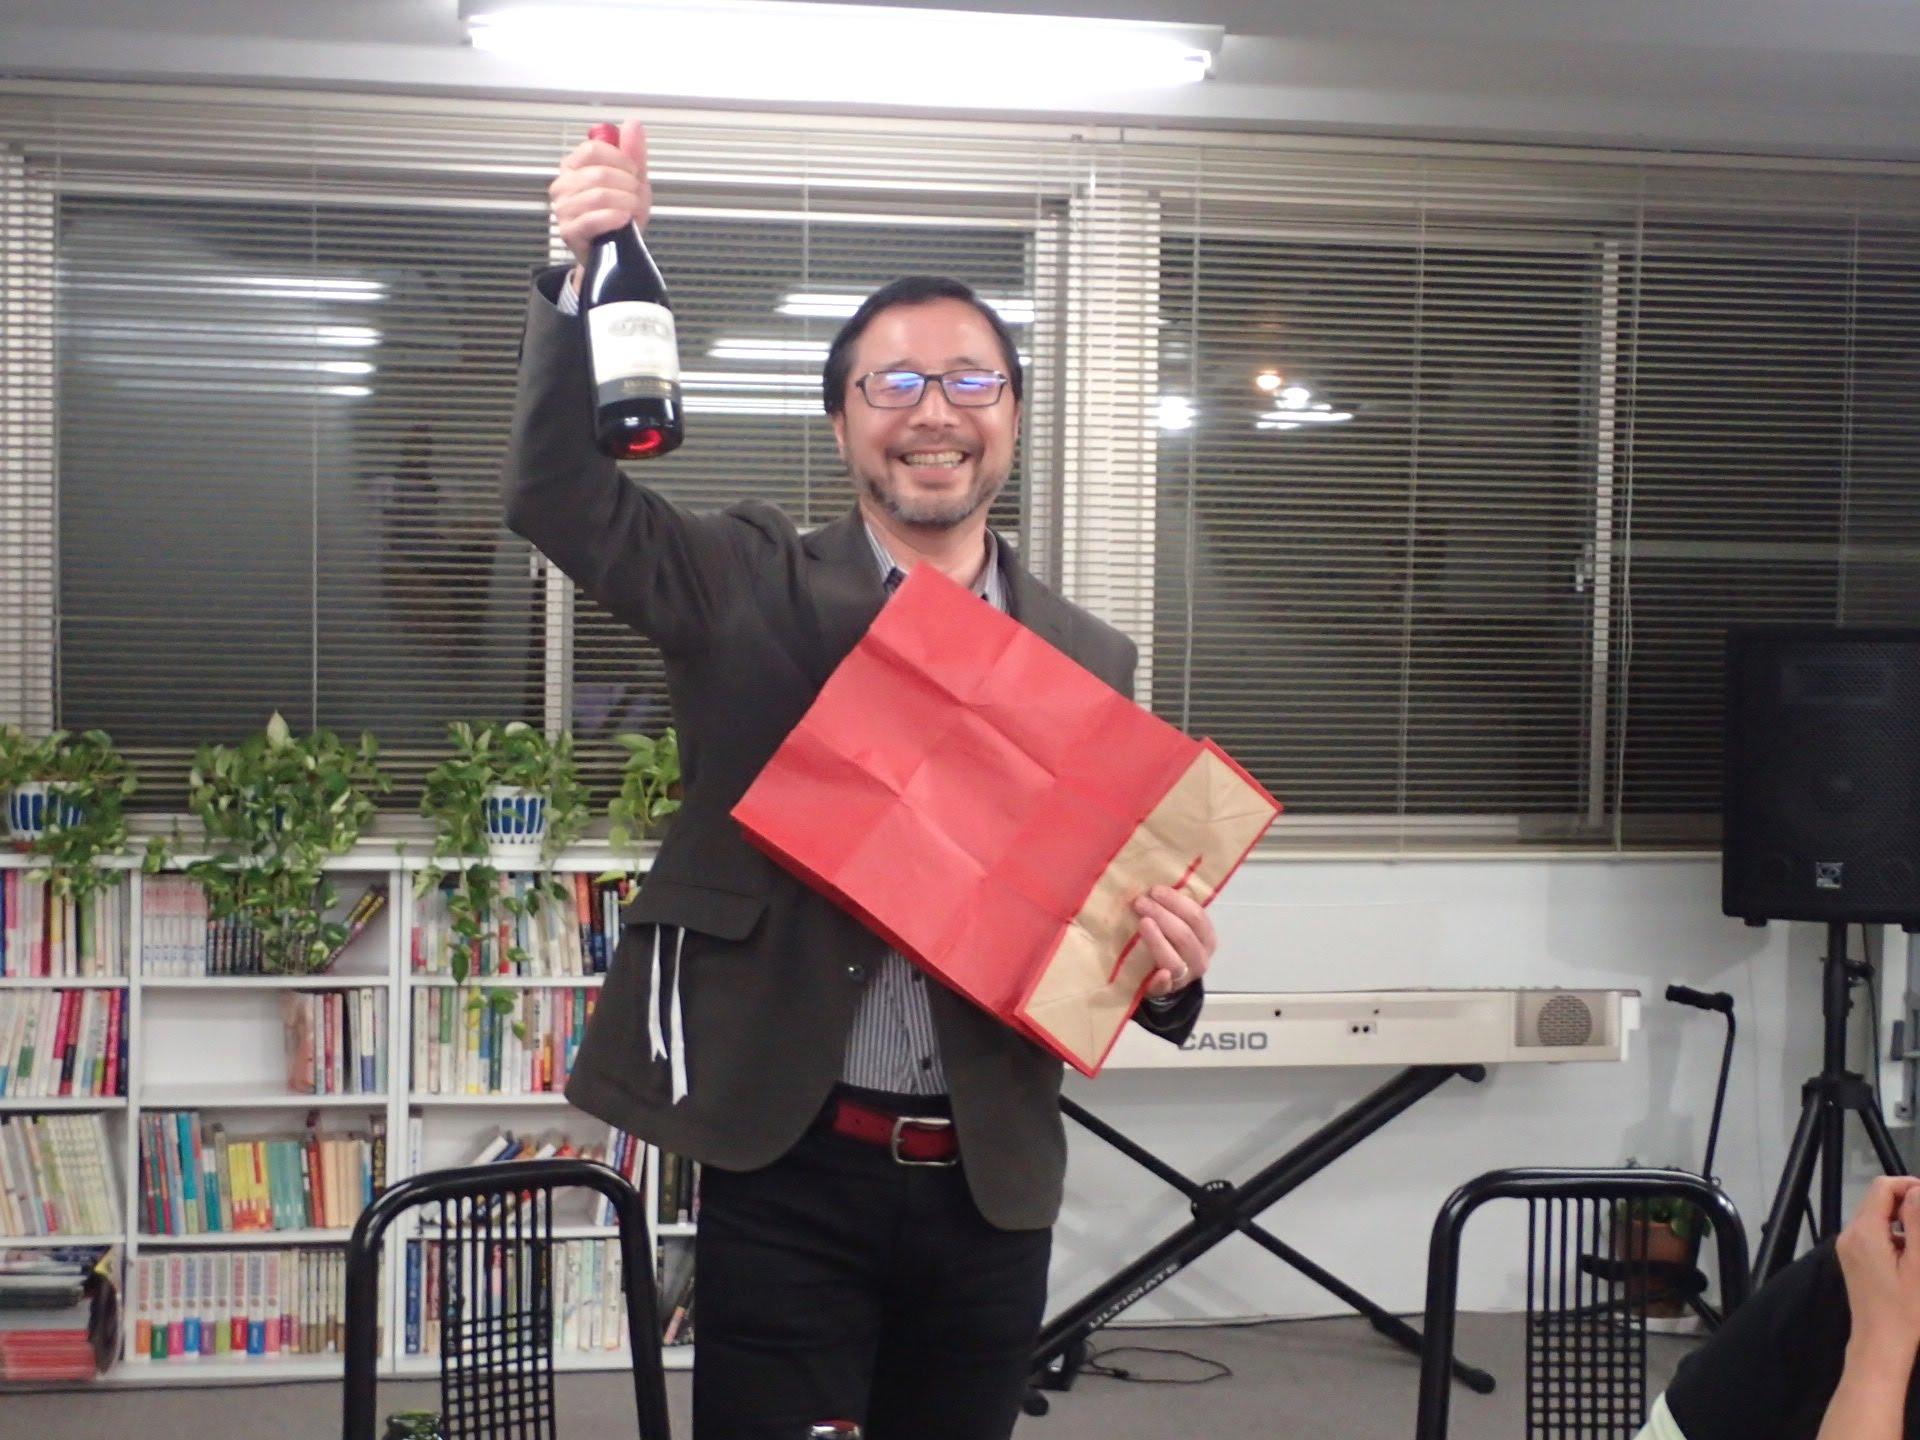 イッシーさん、空っぽの紙袋からワイン取り出しました!!お見事!!